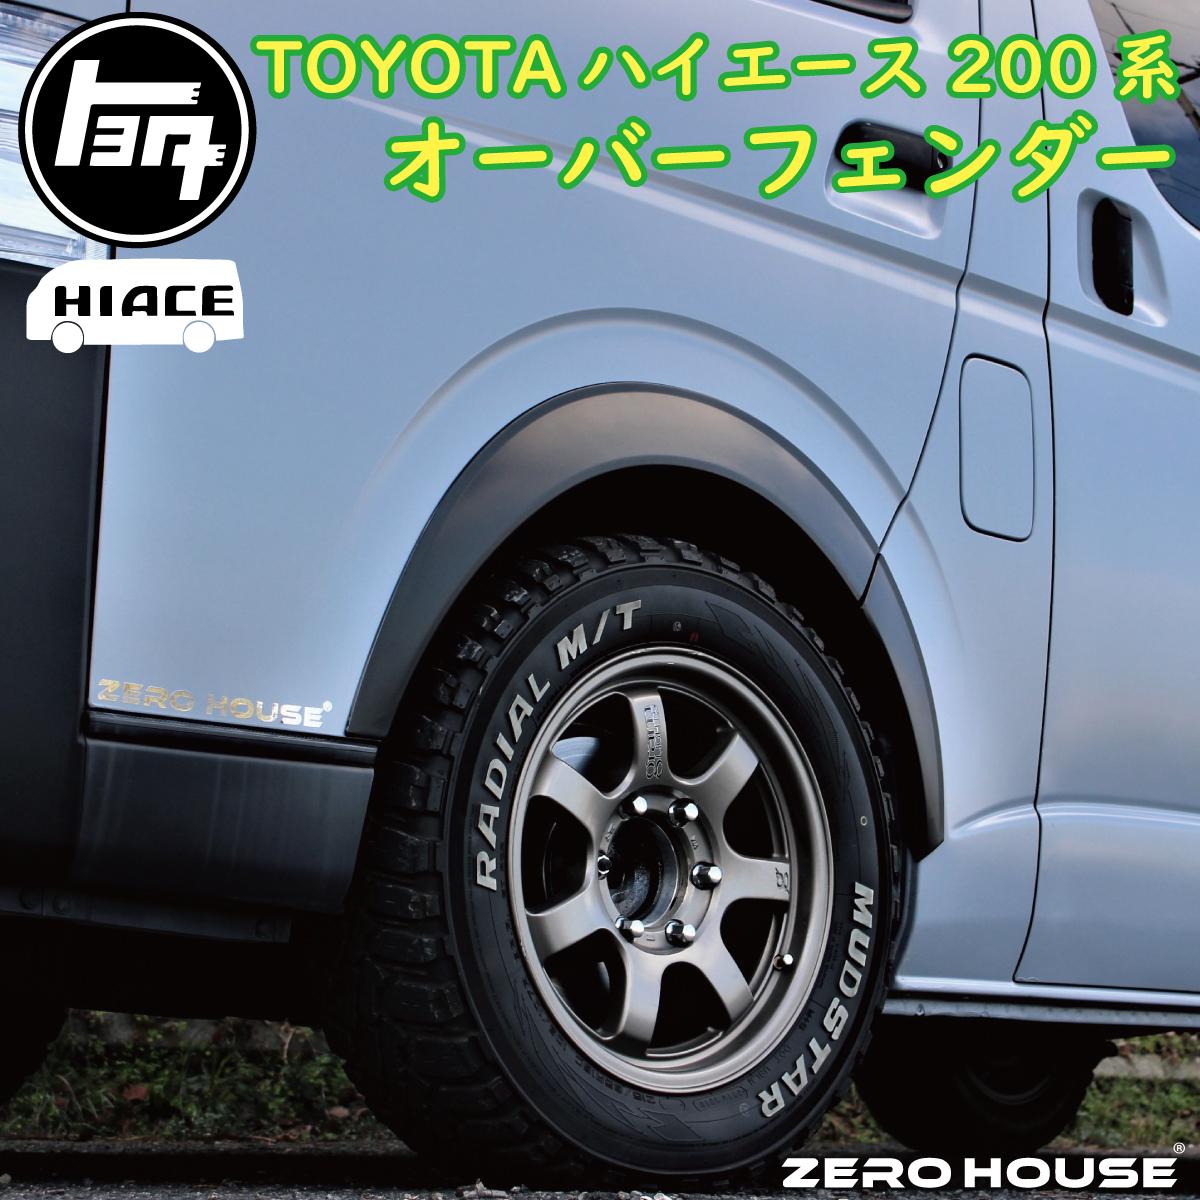 ハイエース200系1型~6型・ワイド・標準車共に対応 DX・S-GL 【ハイエース 200系】ハイエース オーバーフェンダー ダウンルック ABS製 マッドブラック 200系 1型~6型 1台分セット 20mm オーバーフェンダー マットブラックベース【未塗装】 H16~